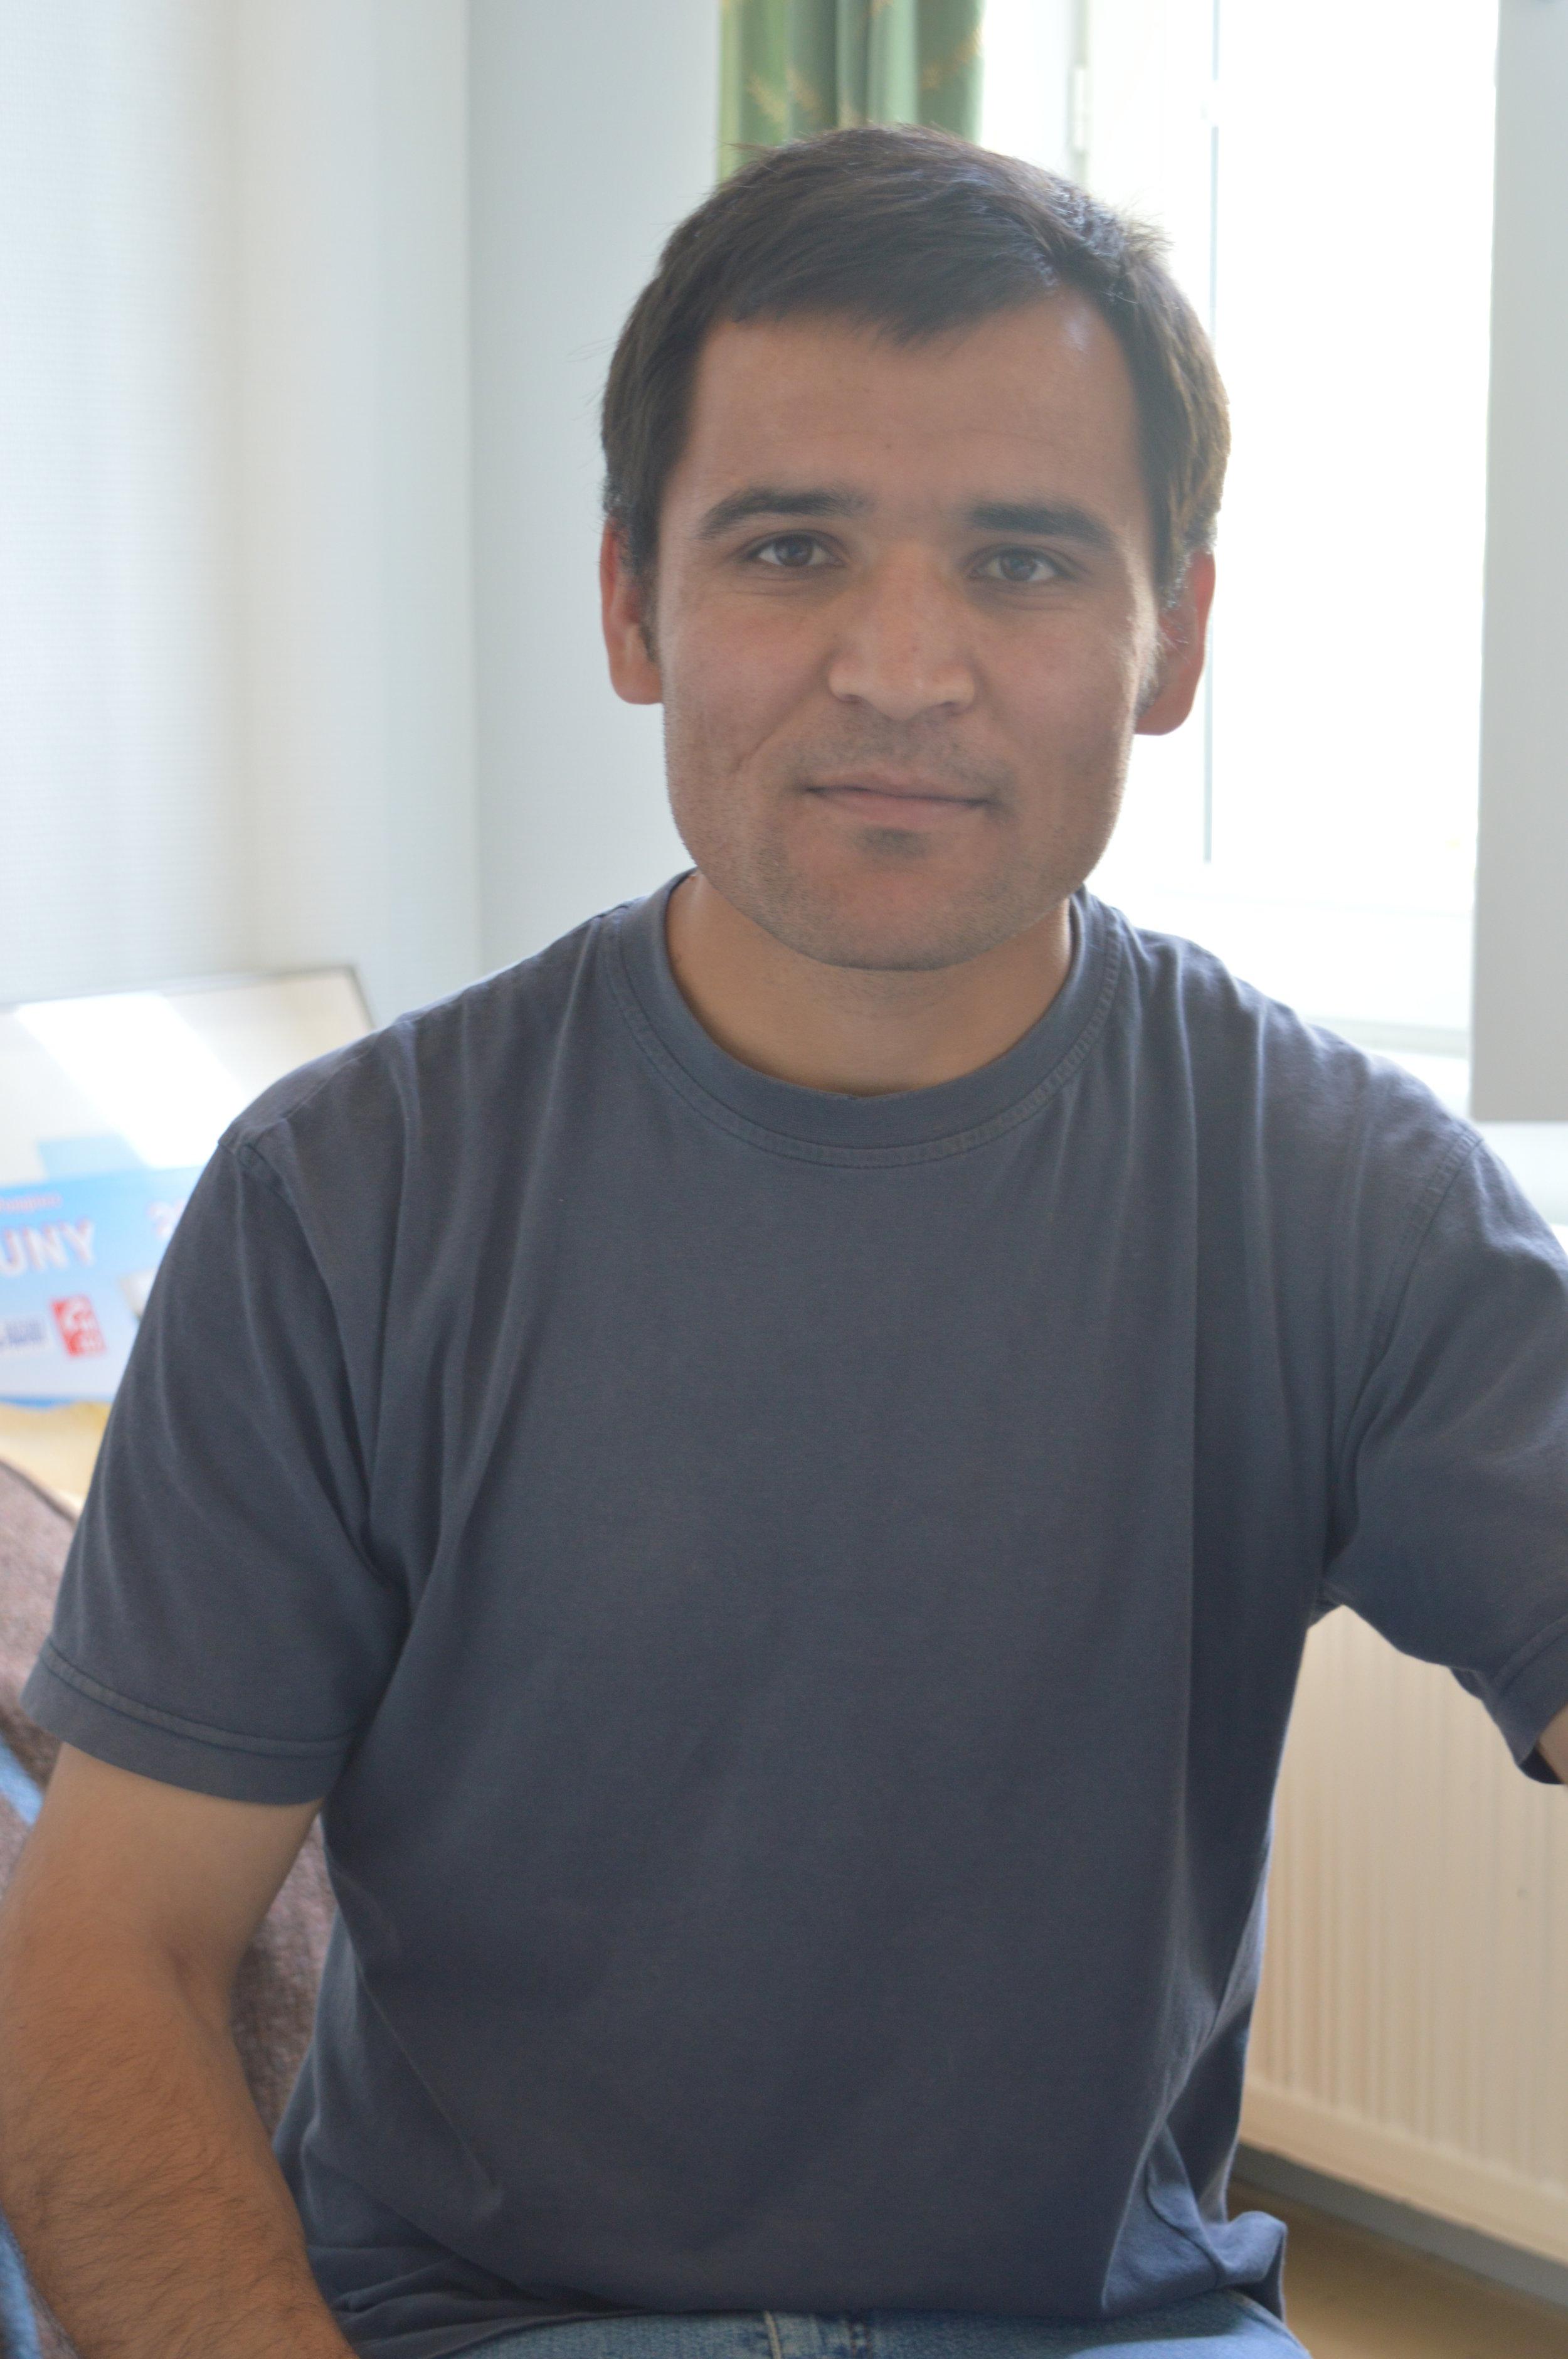 Nemat, réfugié afghan de 26 ans